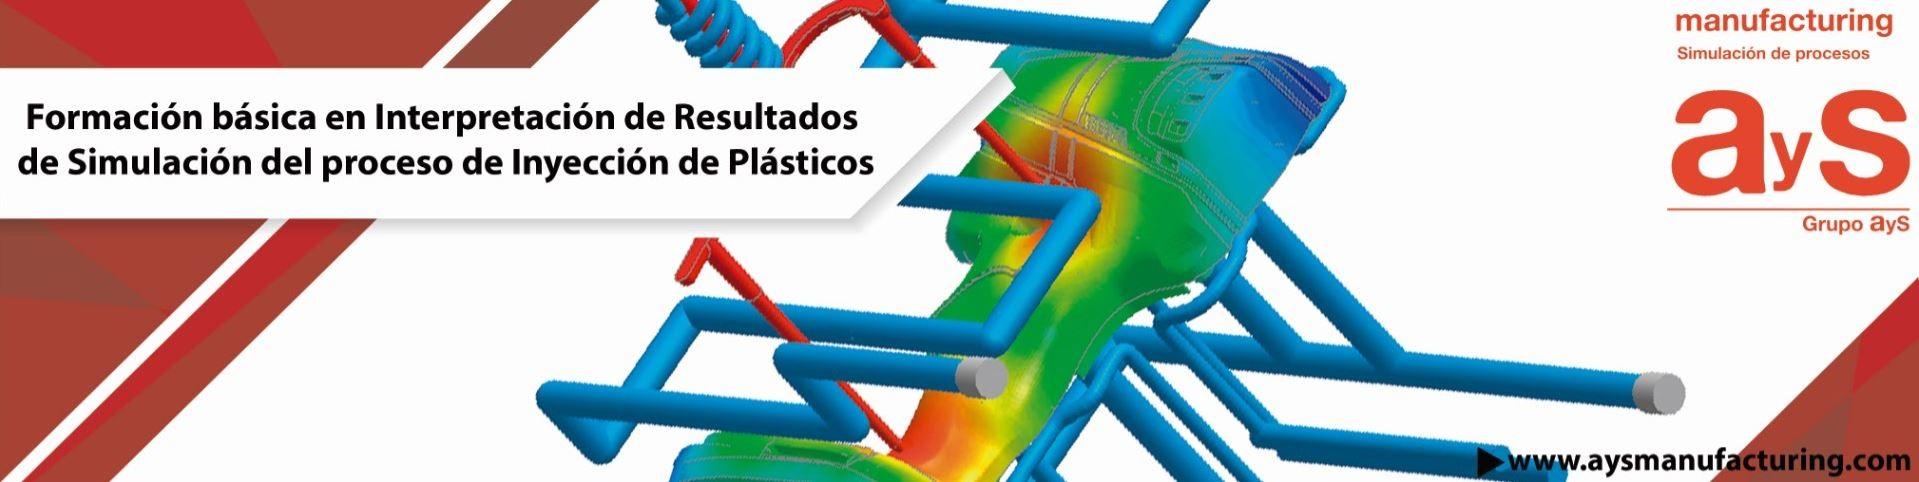 Formación básica en Interpretación de Resultados de Simulación del proceso de Inyección de Plásticos